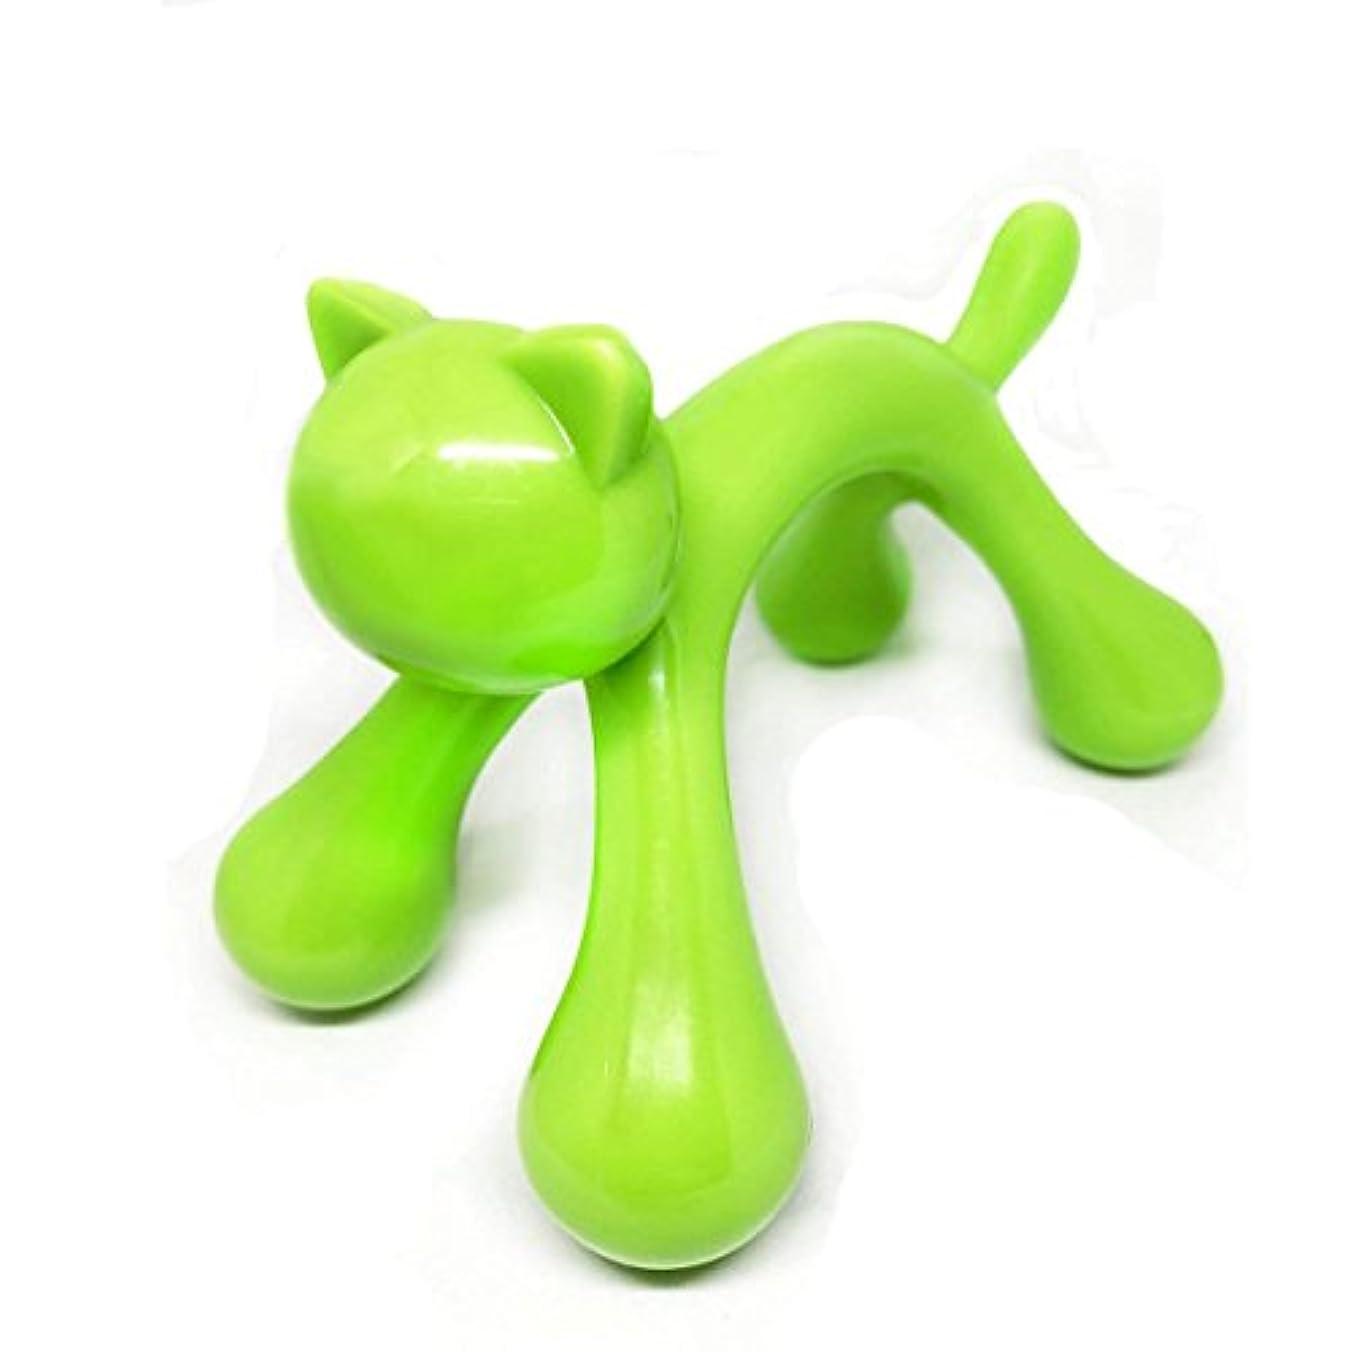 シンジケートシールドペンフレンドマッサージ棒 ツボ押しマッサージ台 握りタイプ 背中 ウッド 疲労回復 ハンド 背中 首 肩こり解消 可愛いネコ型 (グリーン)